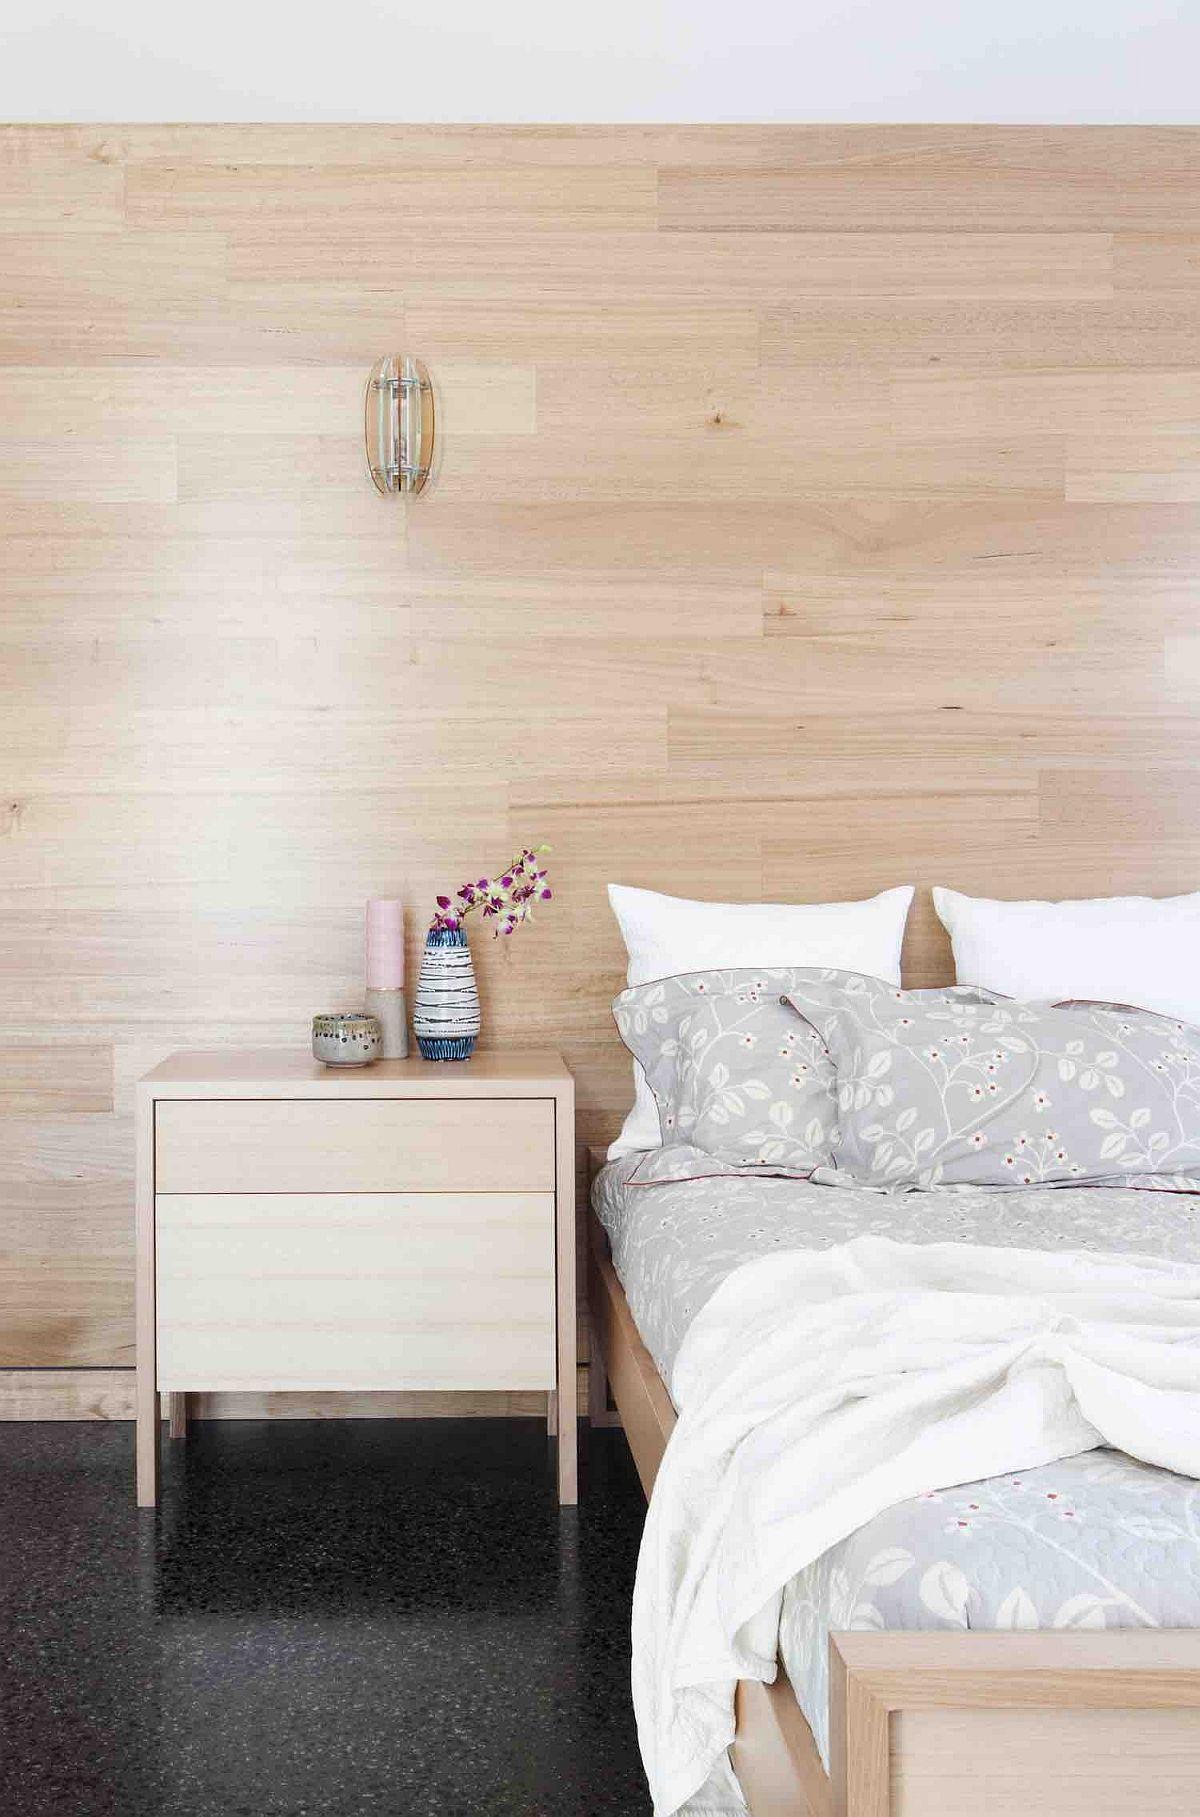 Wooden walls give the bedroom a cozy Scandinavian look